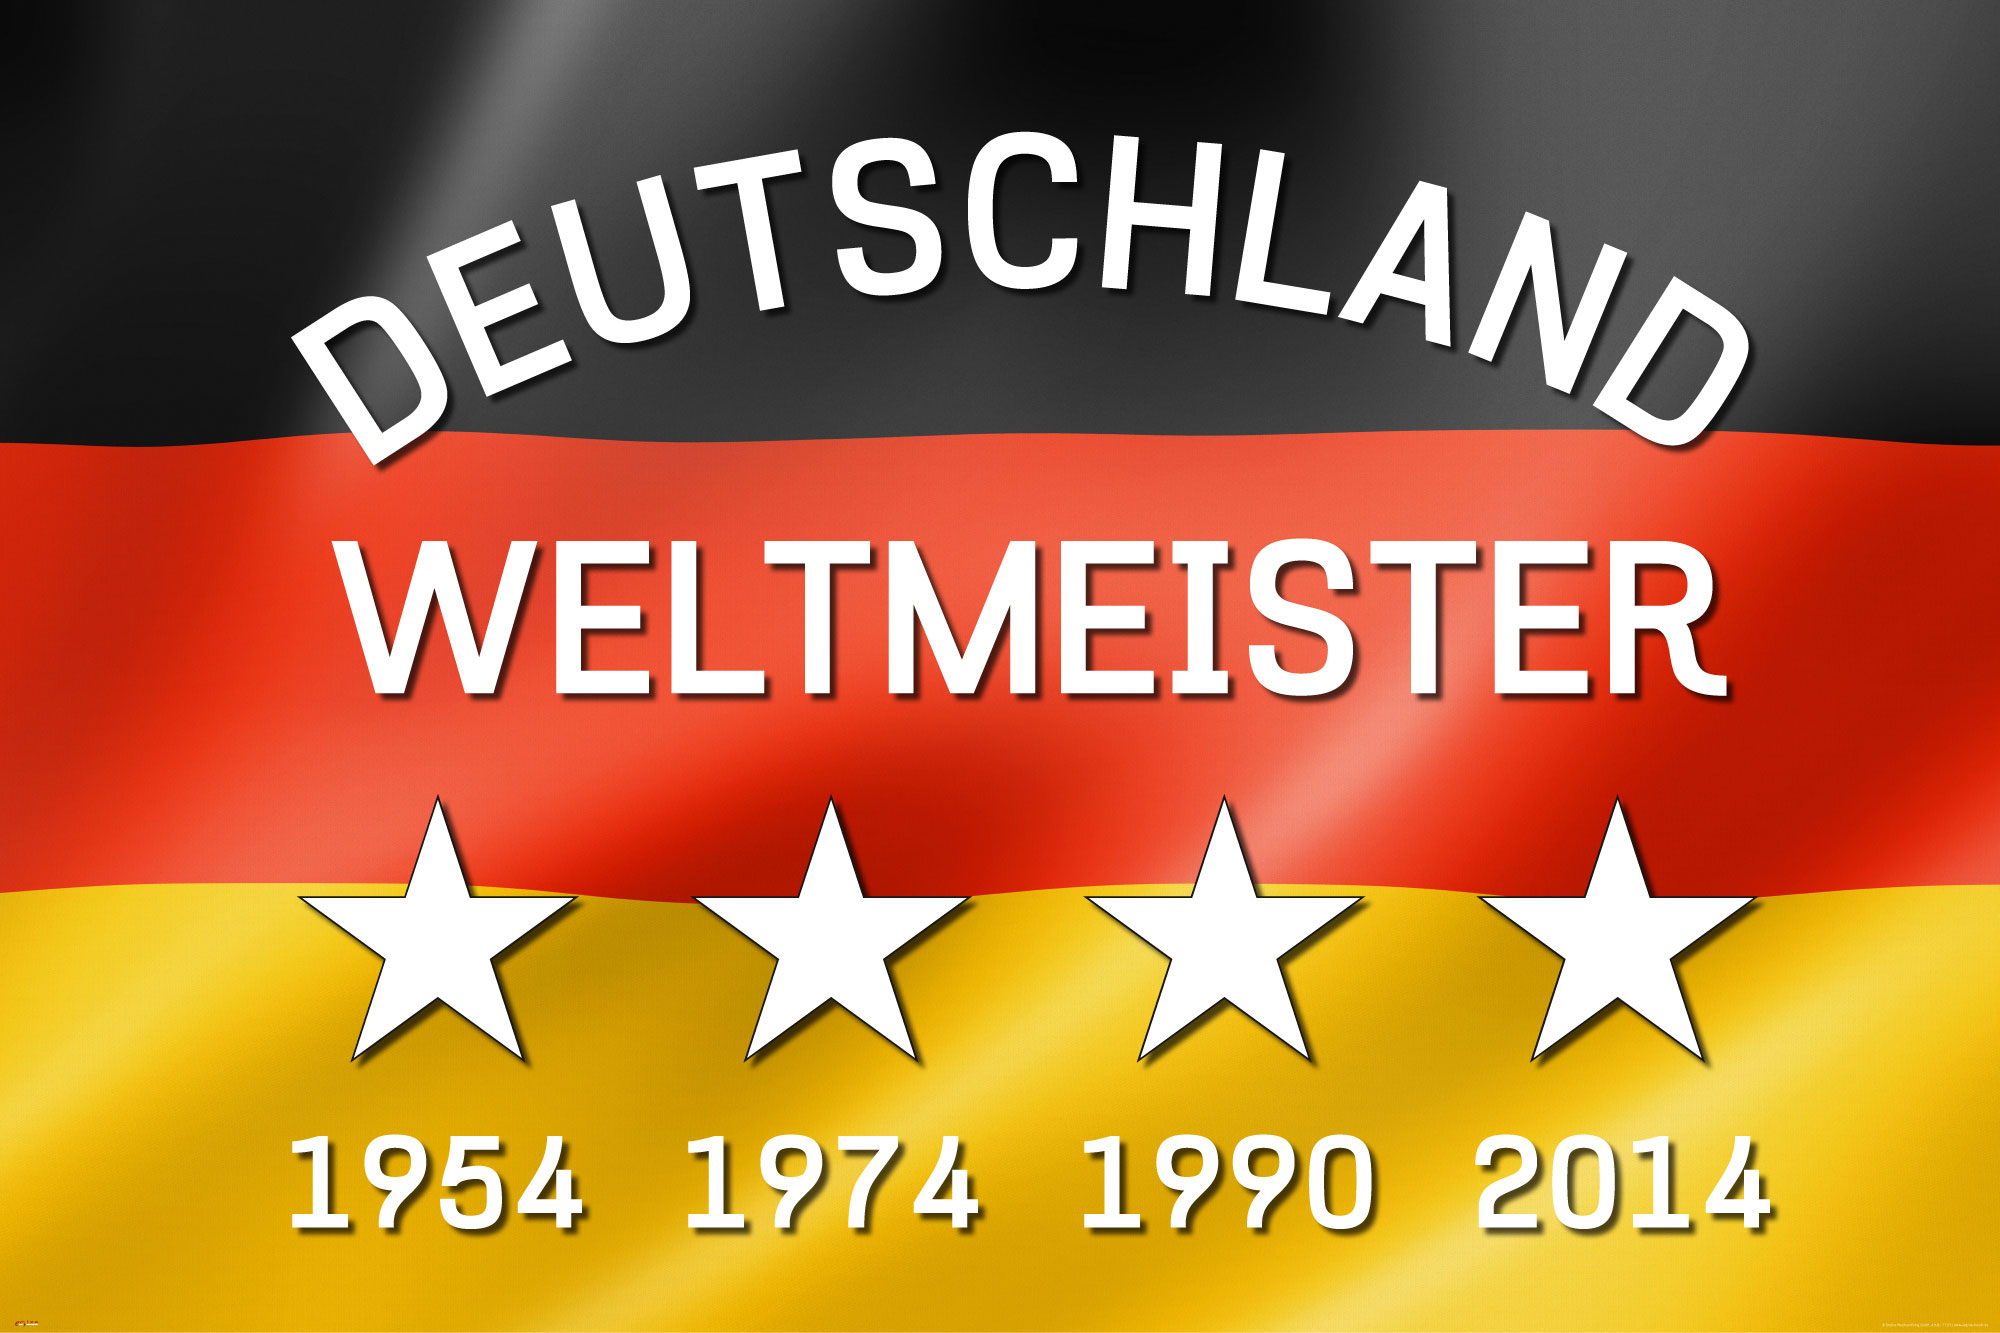 Details Zu Fussball Deutschland Weltmeister Fahne Flagge Poster Druck Grosse 91 5x61 Cm